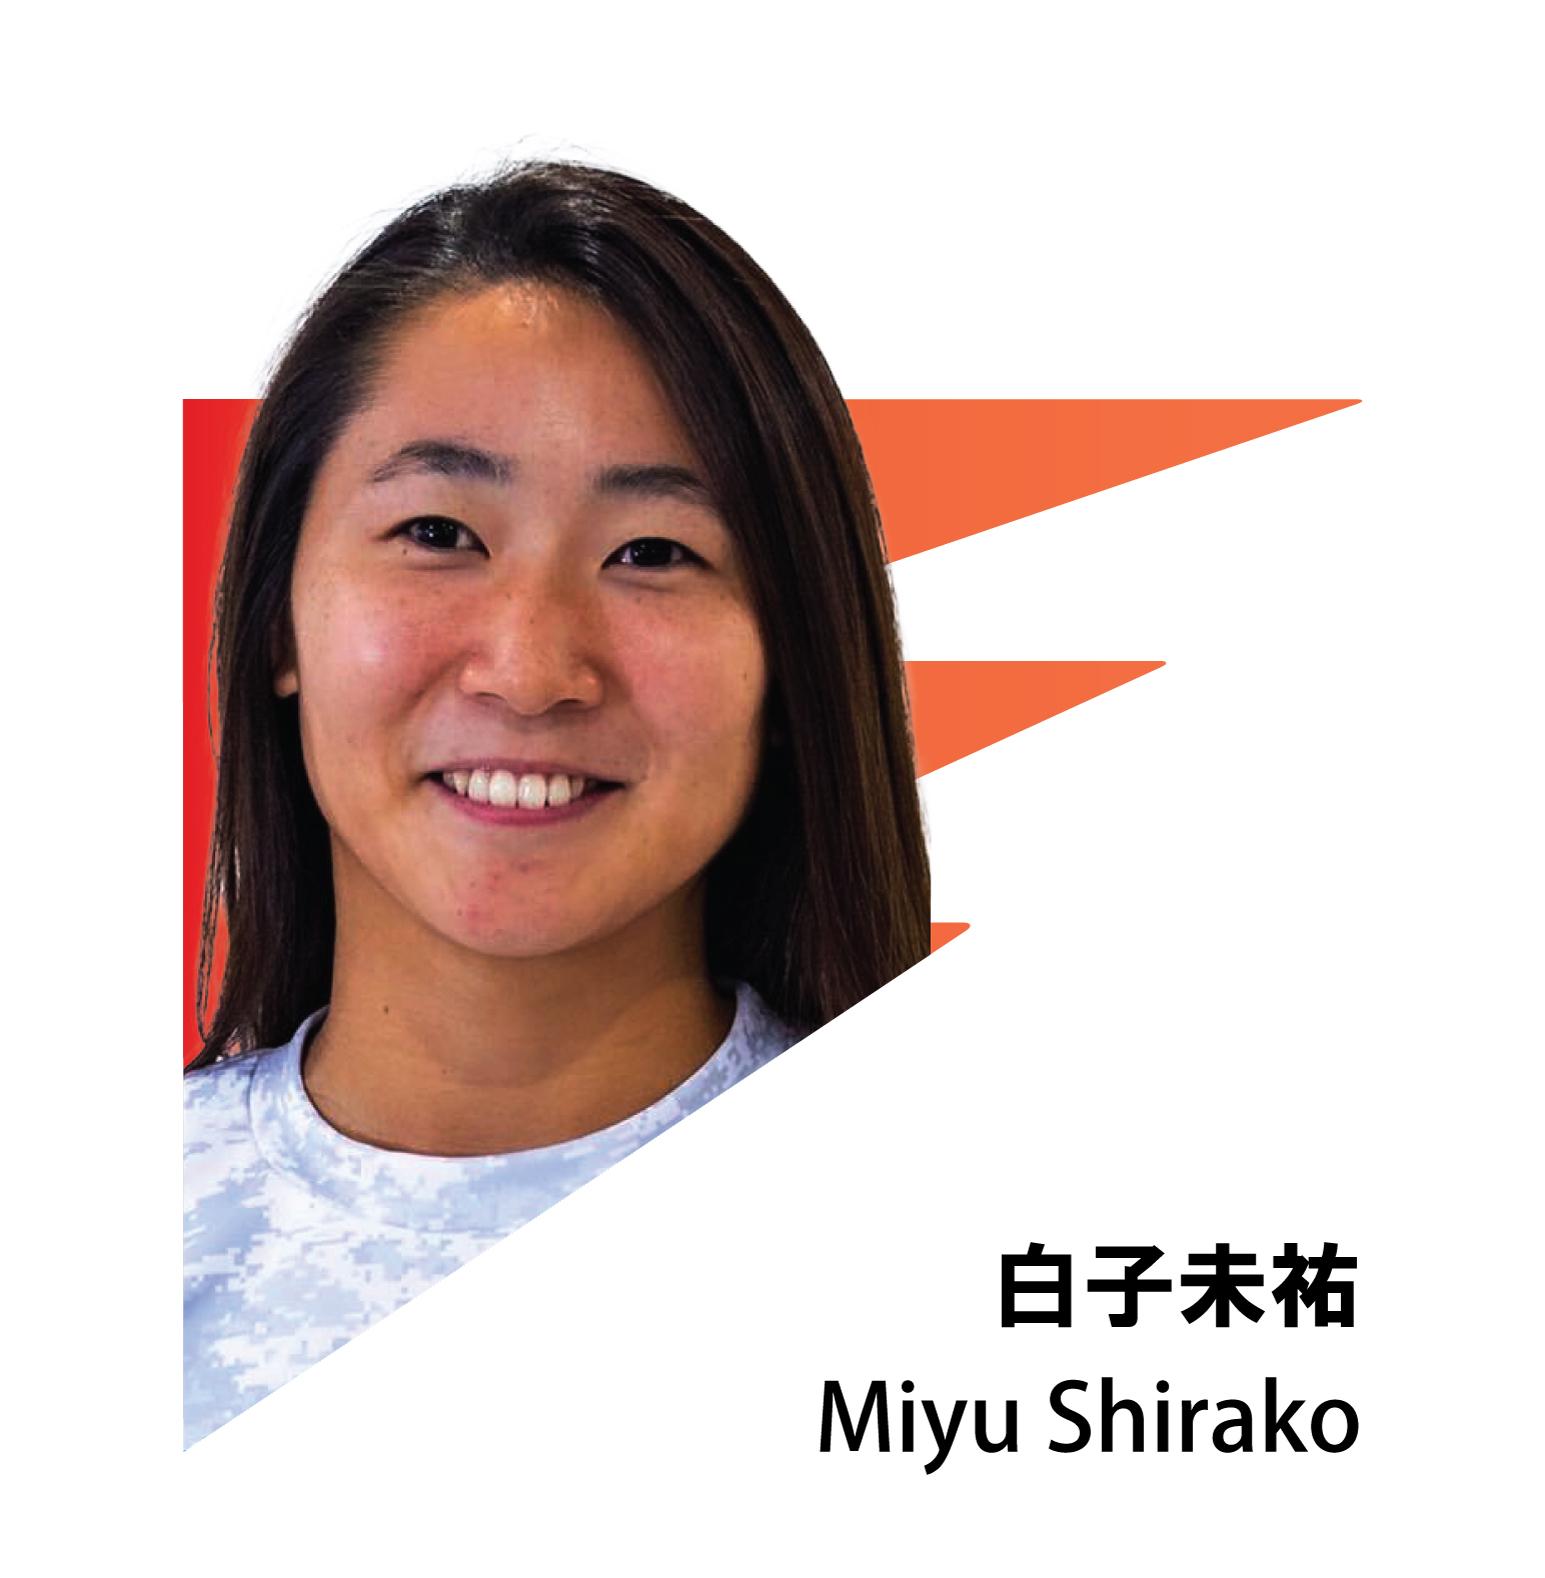 MIYU SHIRAKO